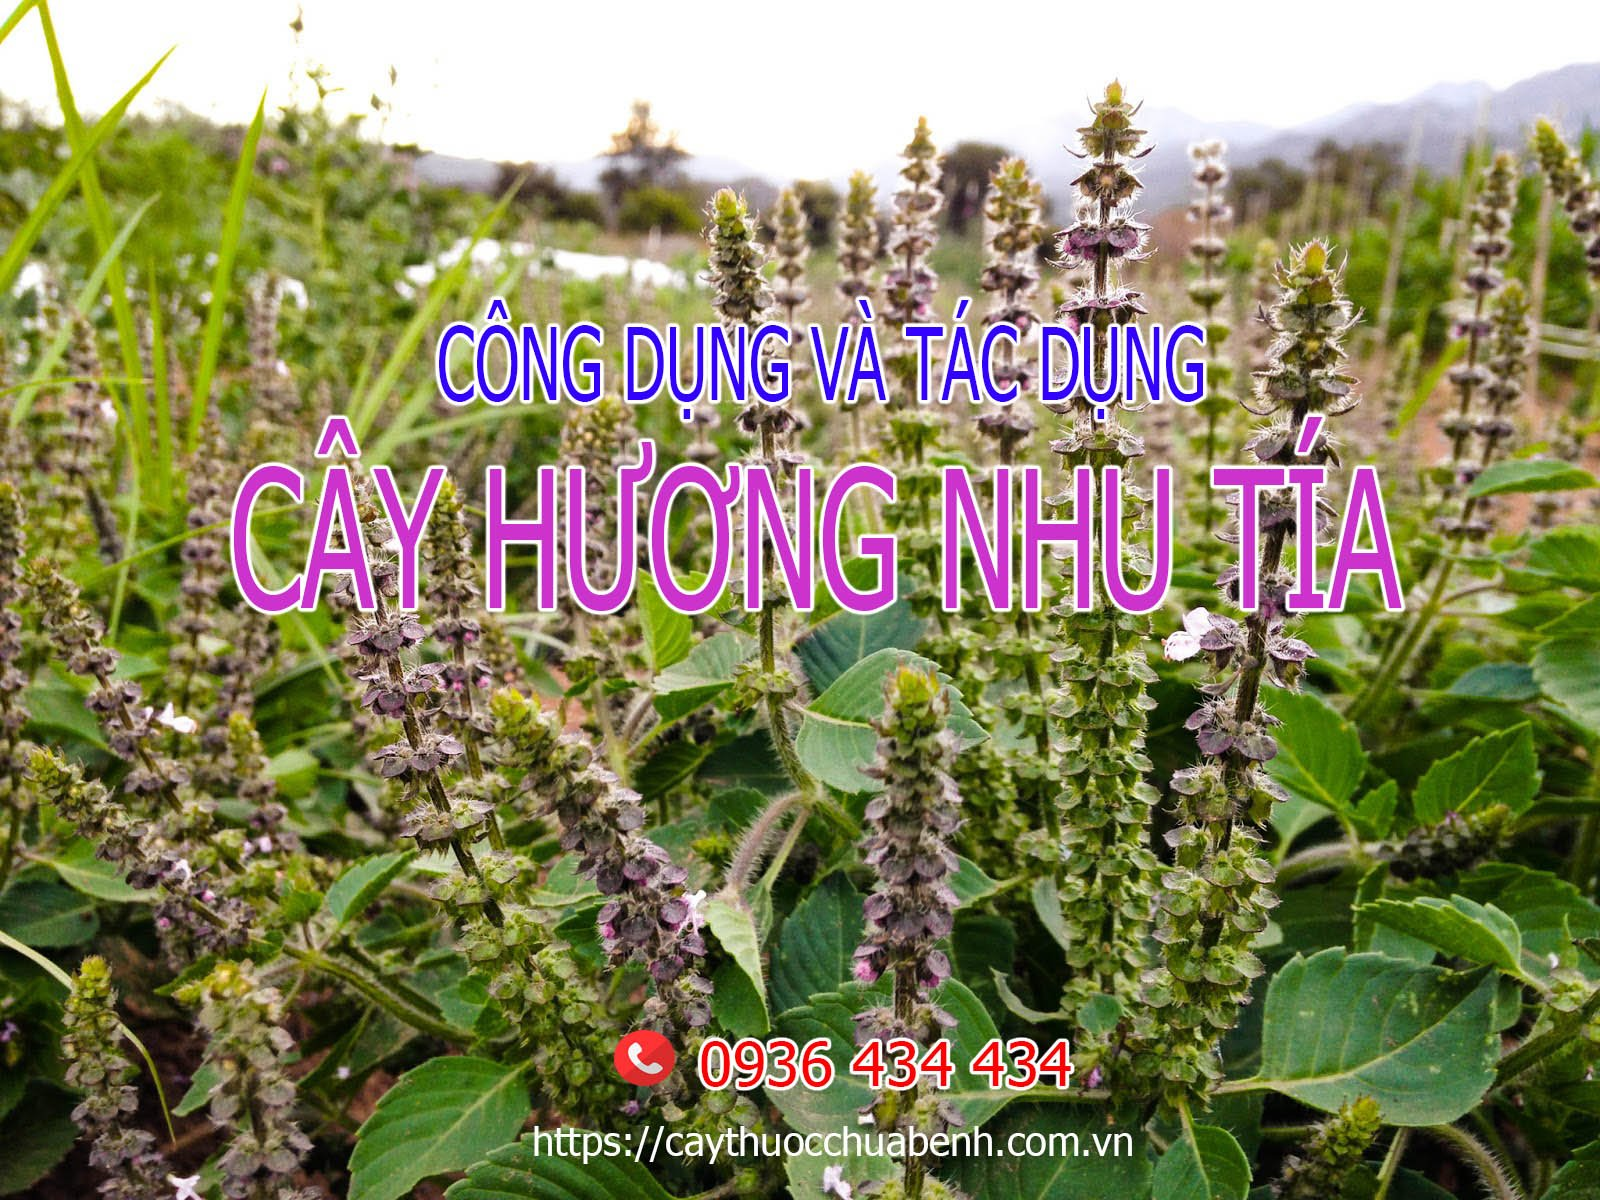 Công dụng và tác dụng của cây Hương Nhu